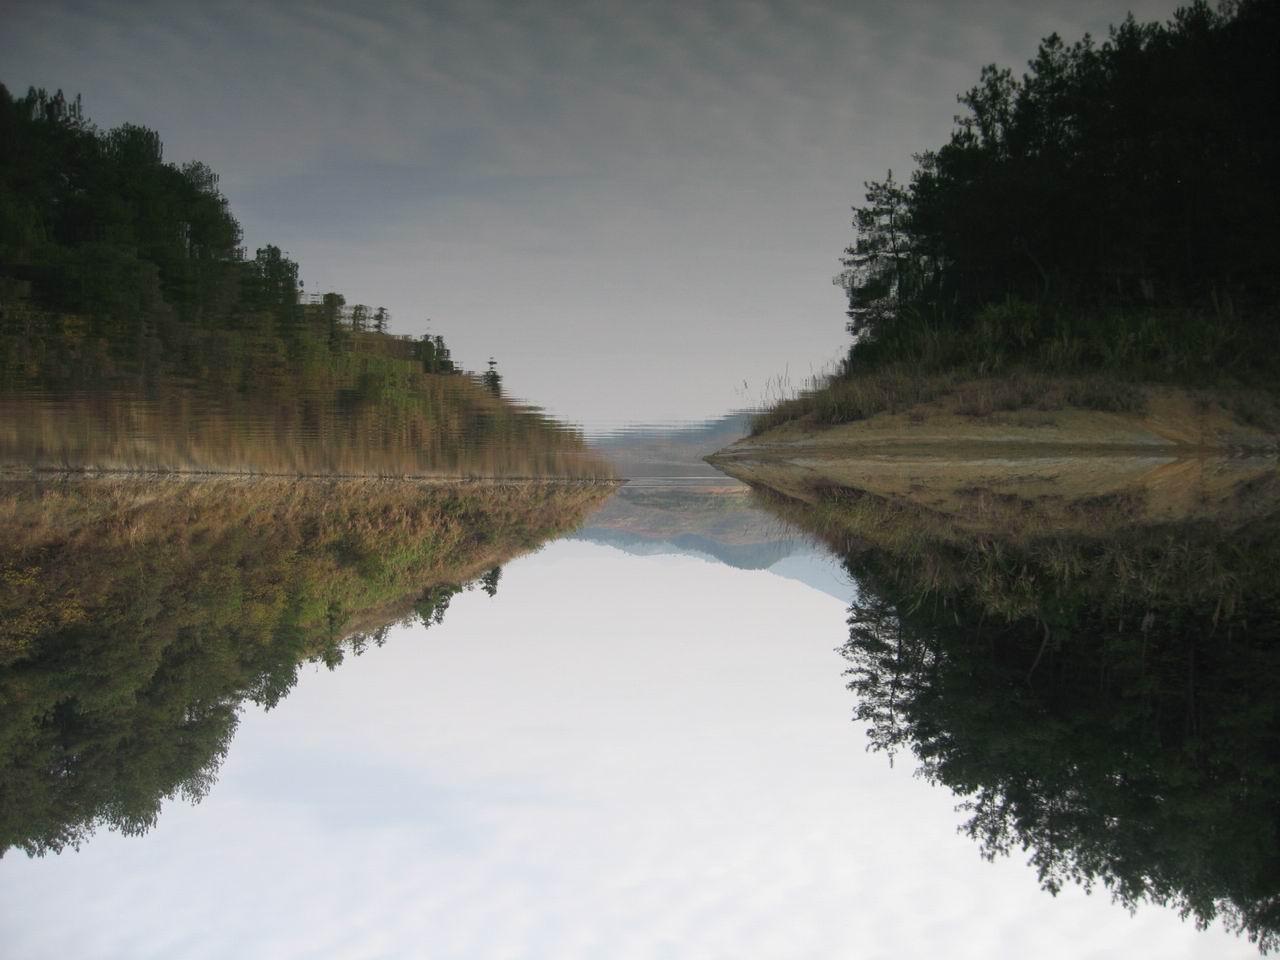 > 美丽的仙岛湖游记--中秋度假--海量美图